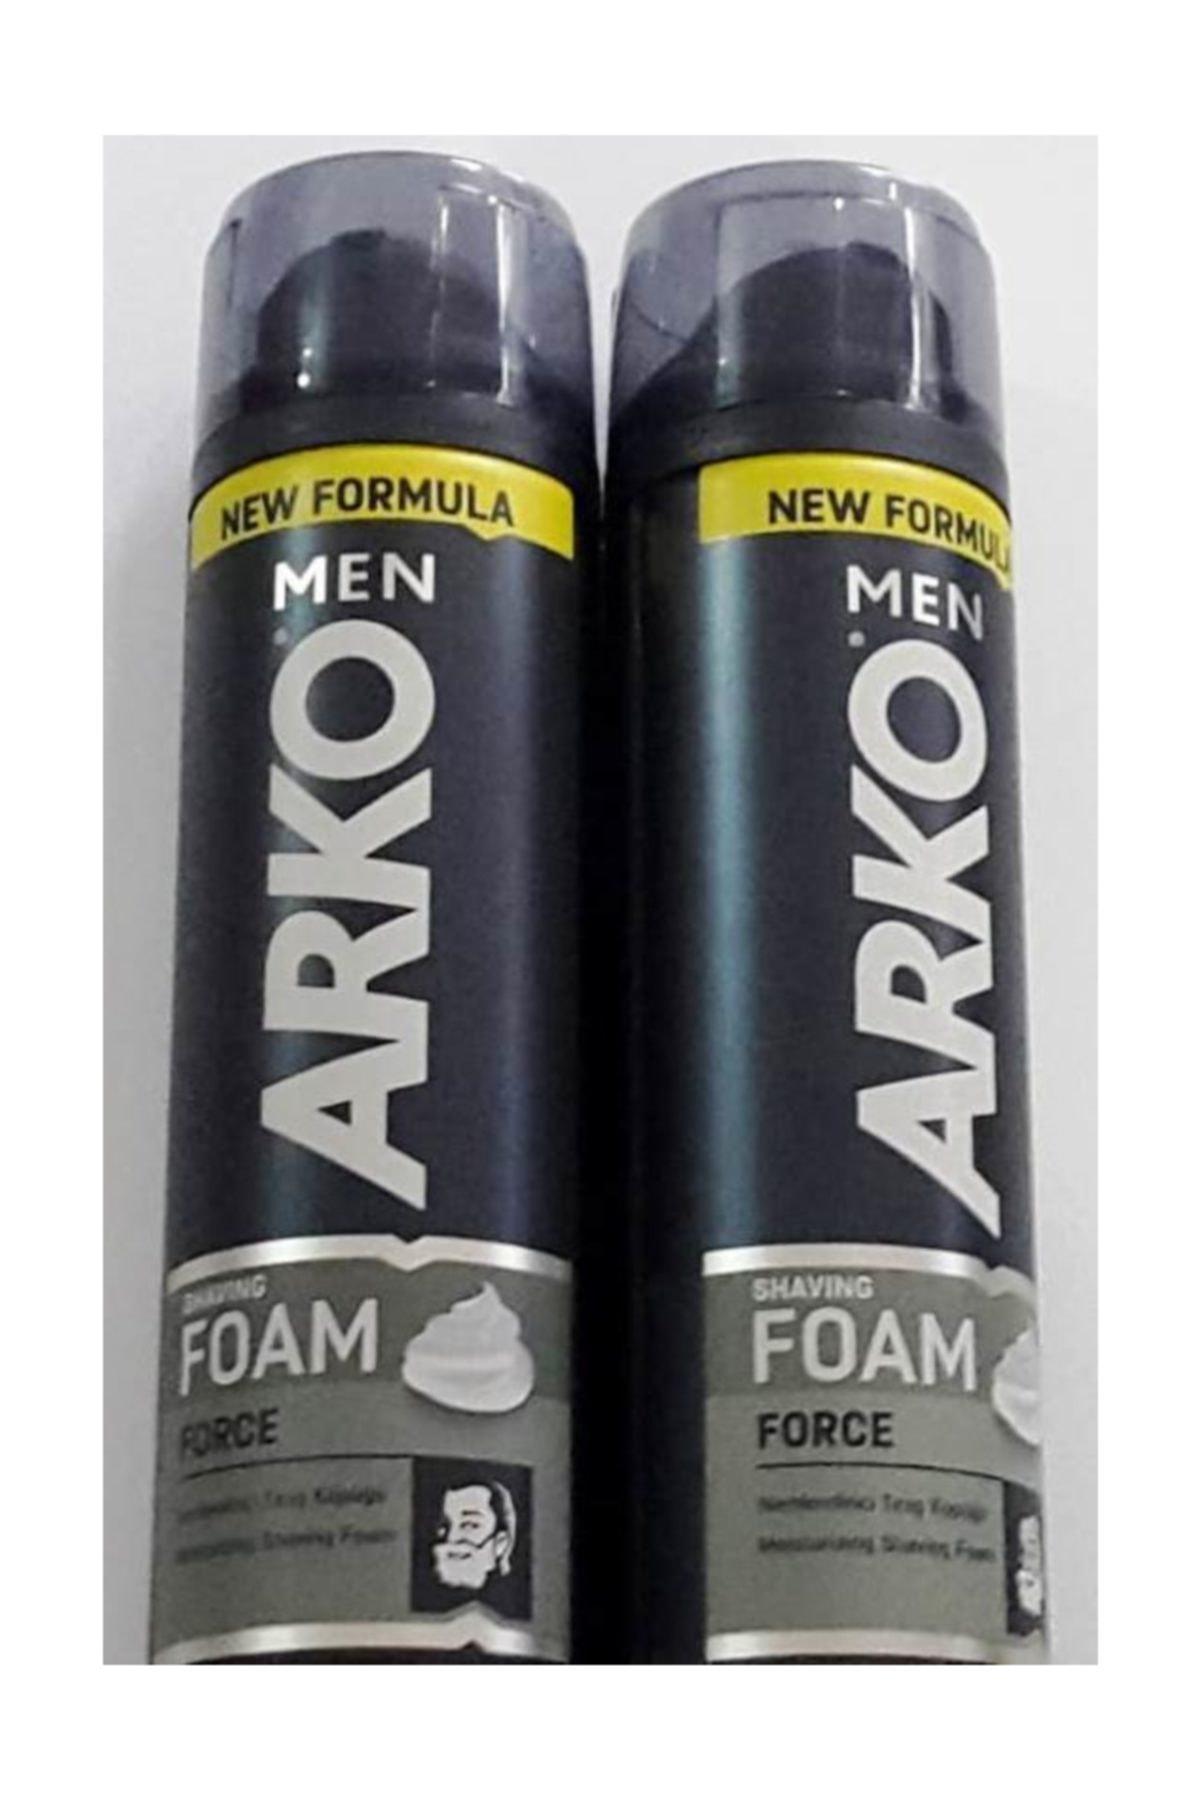 ARKO Men Traş Köpüğü (siyah) 200 Ml 1